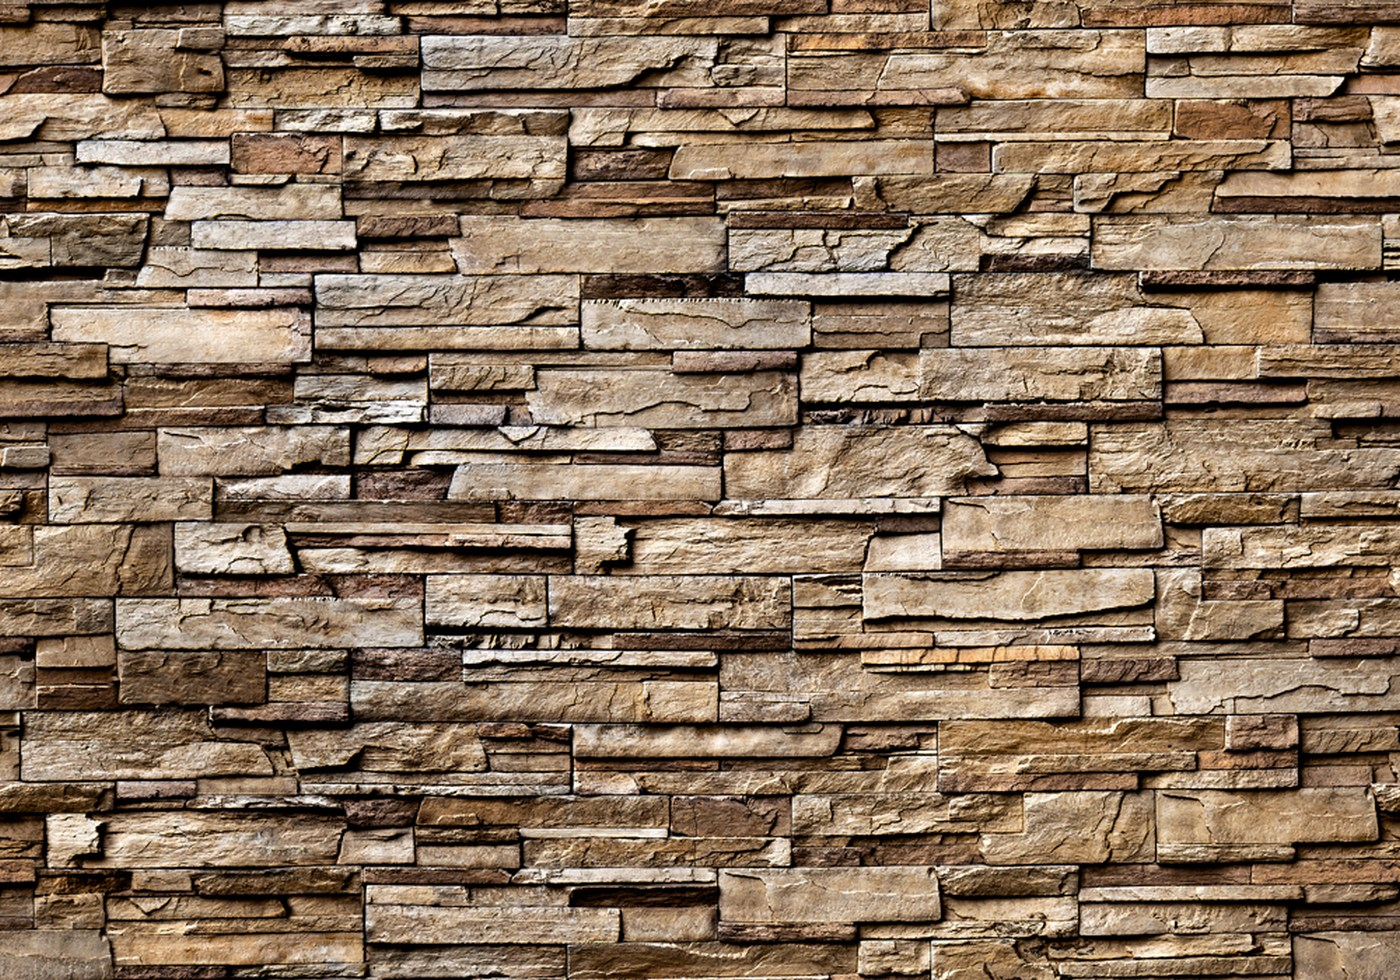 Vlies Fototapete 133 - Noble Stone Wall - braun - anreihbar Steinwand  Tapete Steinoptik Stein Wand Wall braun